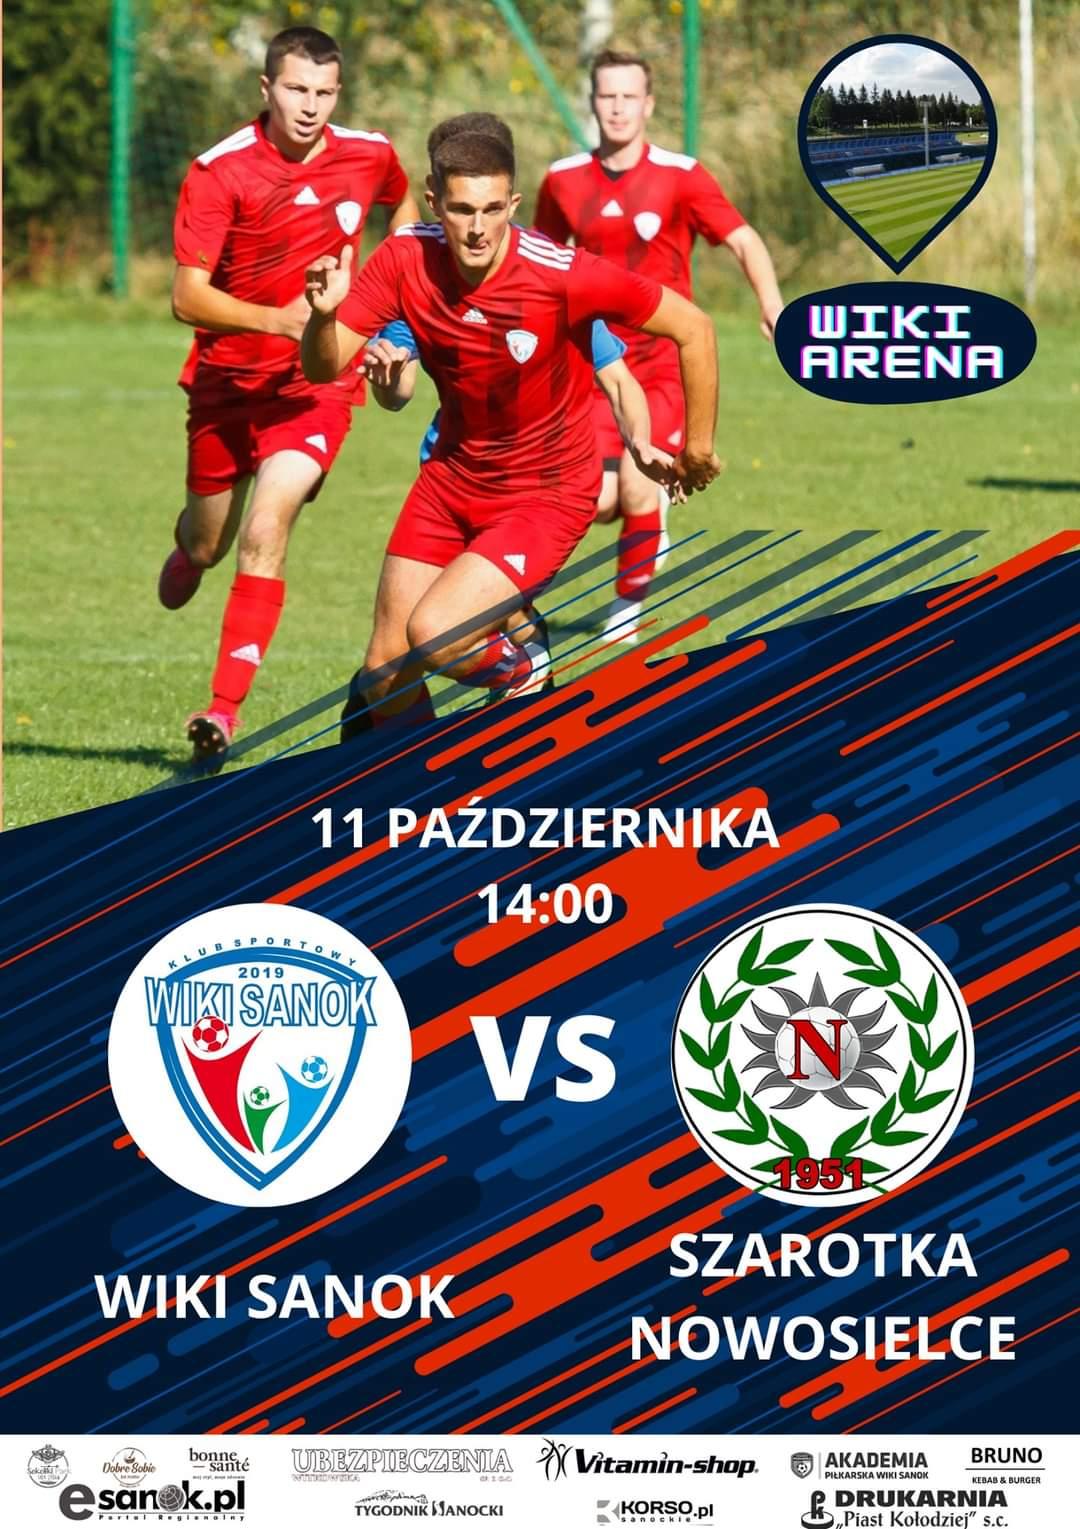 Lider A klasy Wiki Sanok zagra z Szarotką Nowosielce - Zdjęcie główne